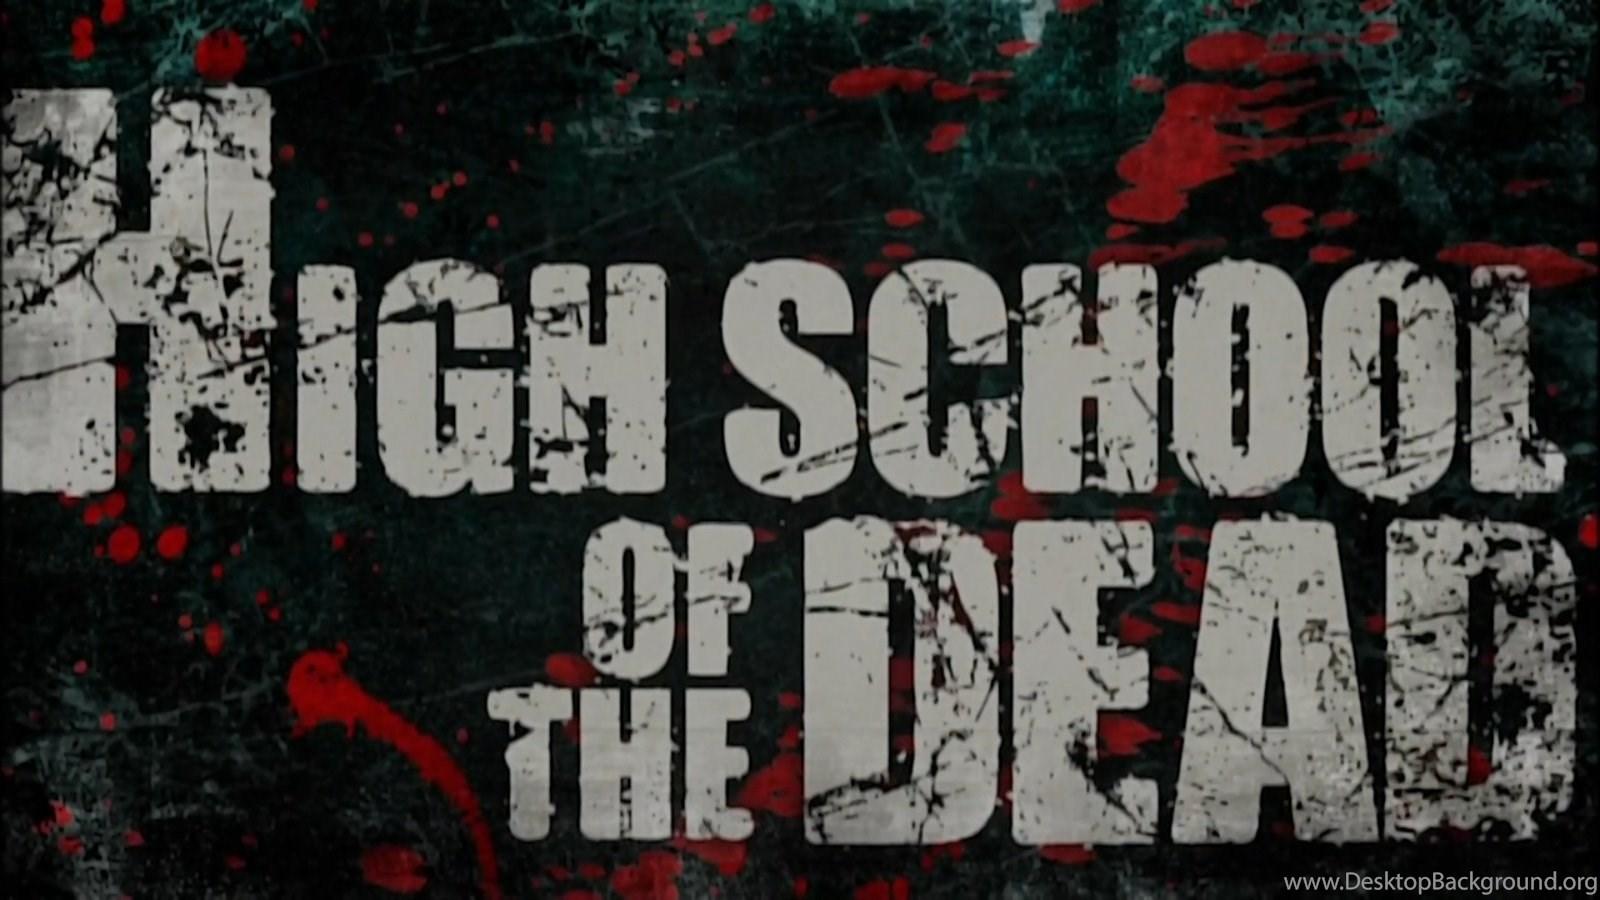 Wallpapers High School Of The Dead 1600x900 Desktop Background